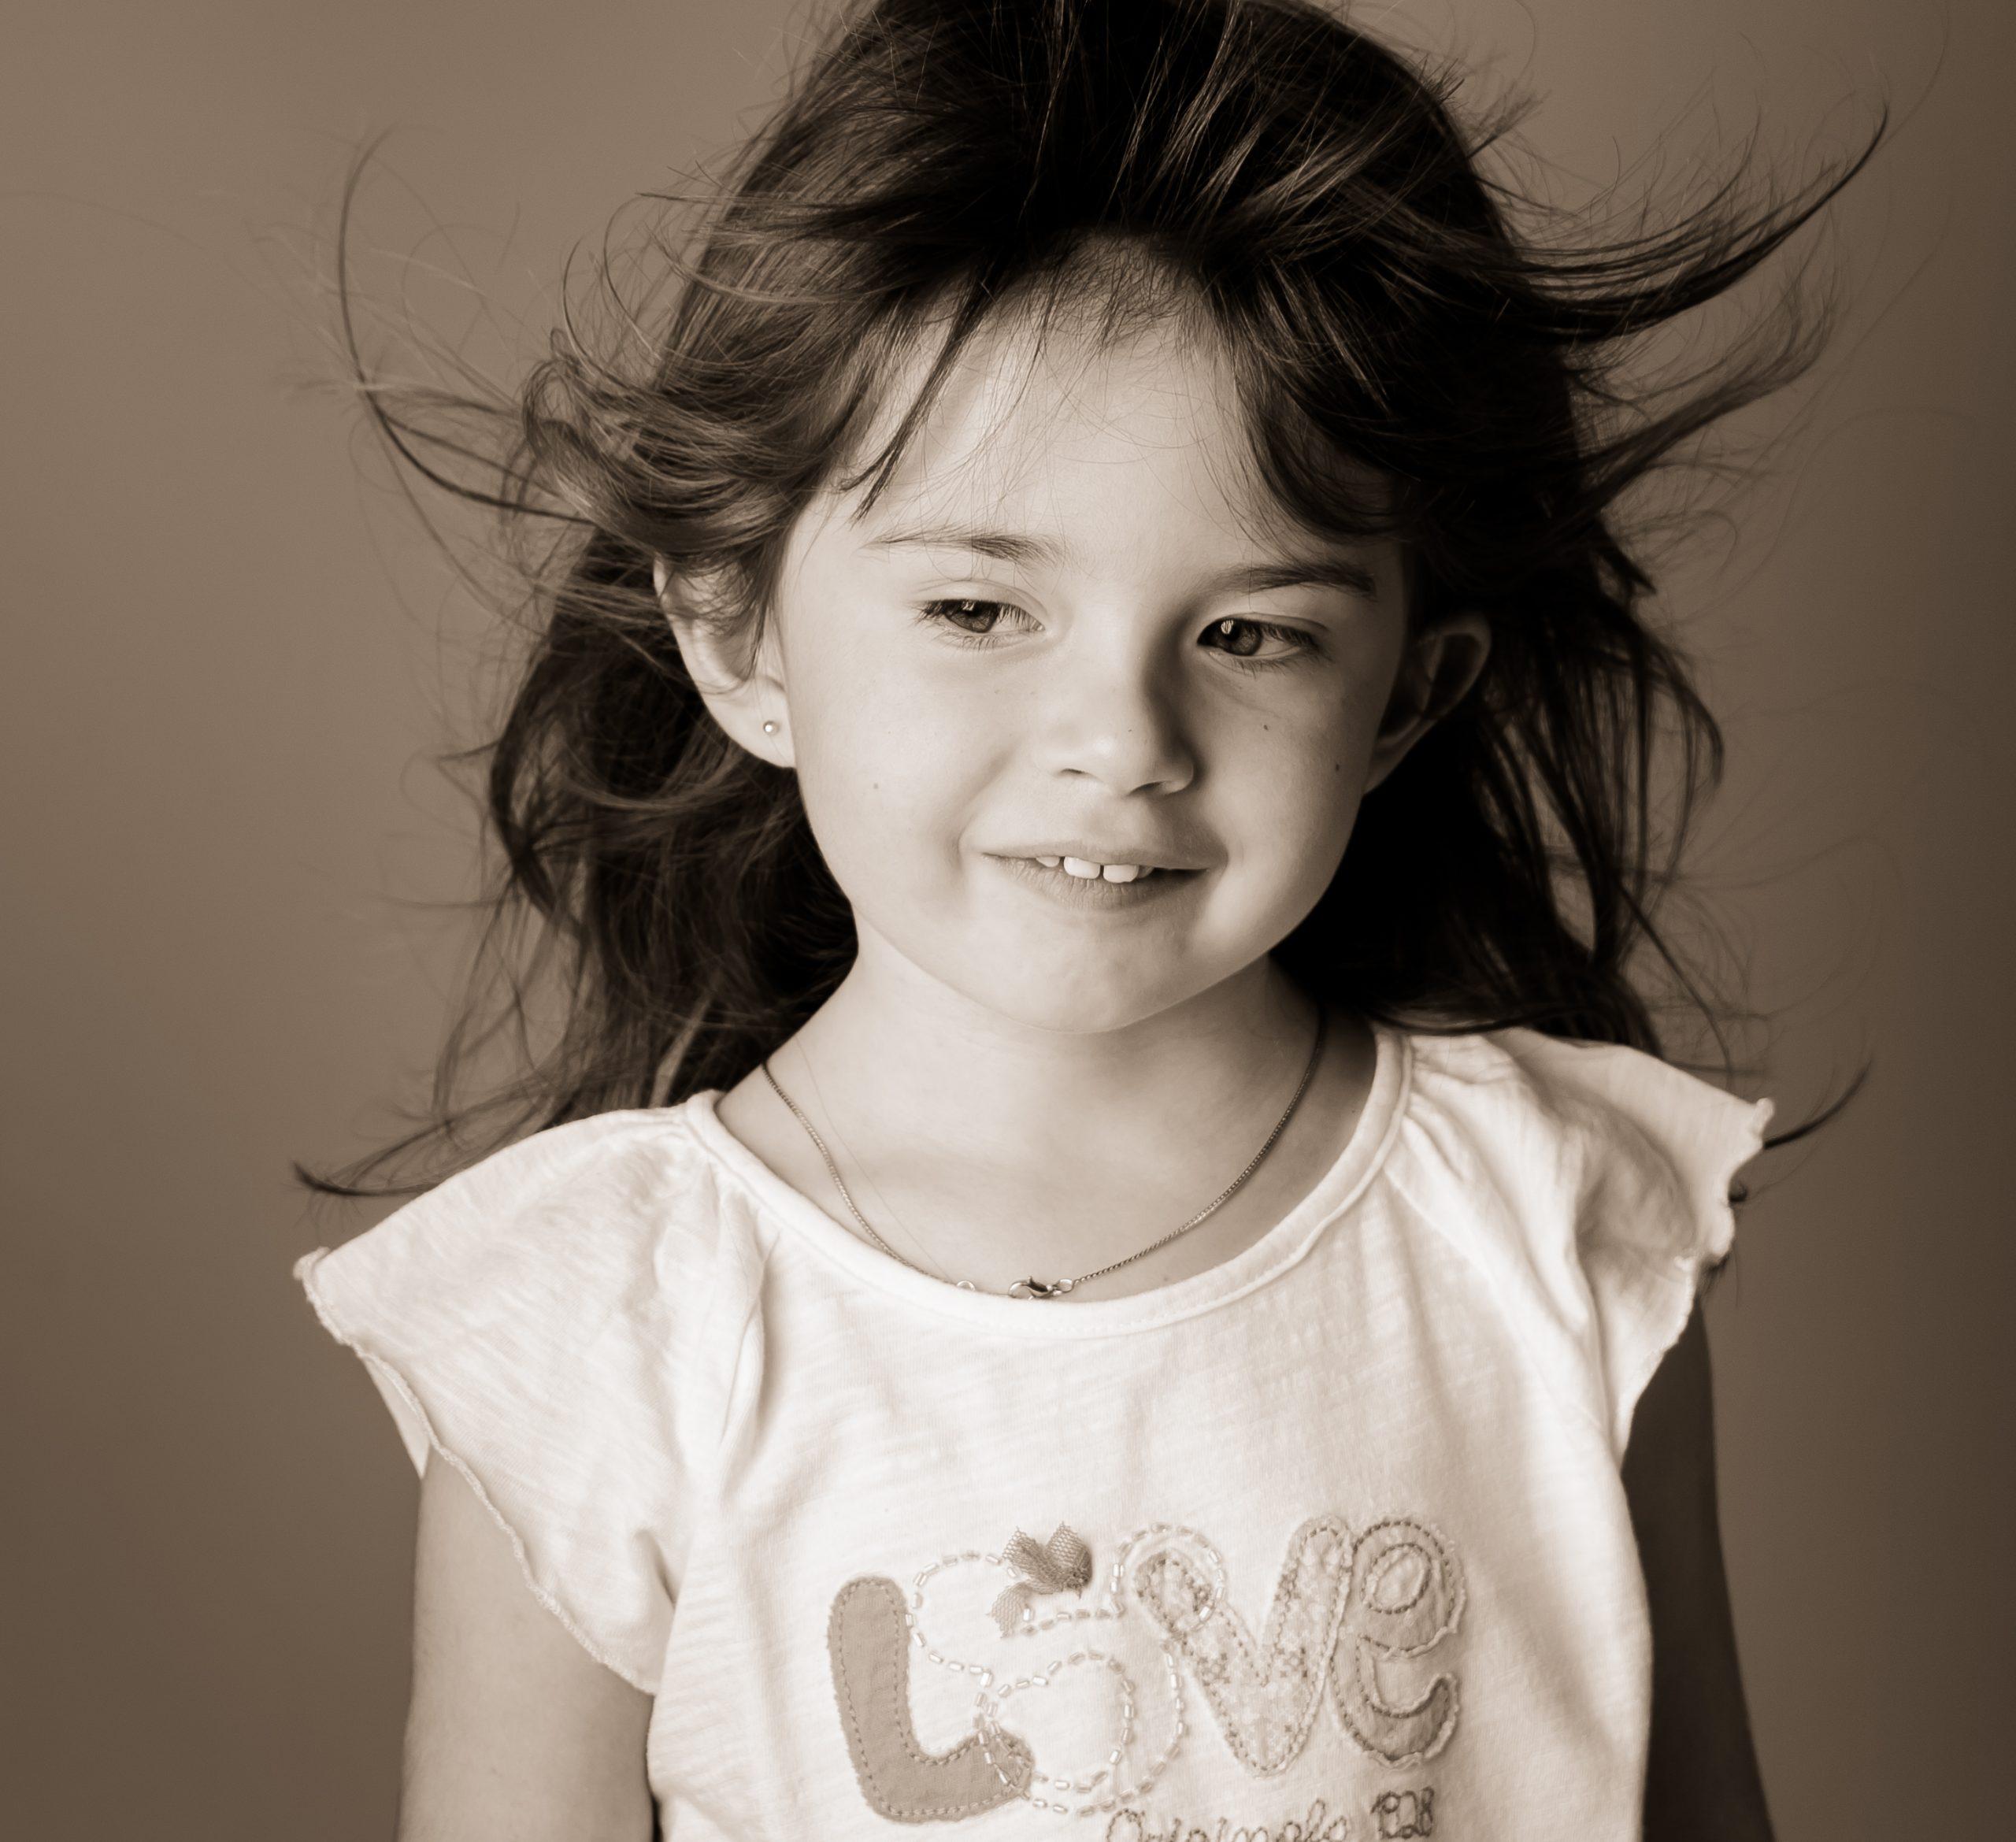 fille-quatre-ans-sourire-photo-sepia-cheveux-au-vent-photographe-lifestyle-gard-grau-du-roi-christelle-labrande